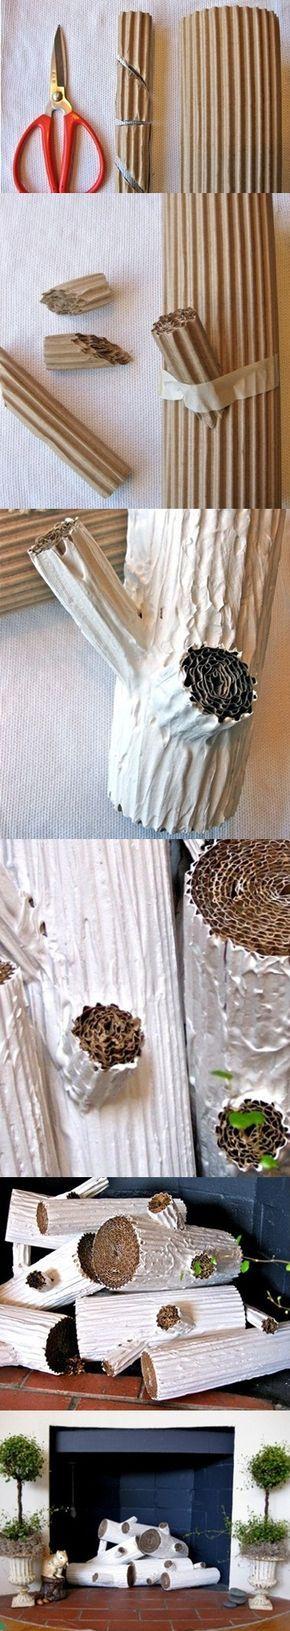 DIY – Fake Trunk  Do it with brown corrugated cardboard  (used or new) Faça-o com cartão canelado castanho (usado ou novo)